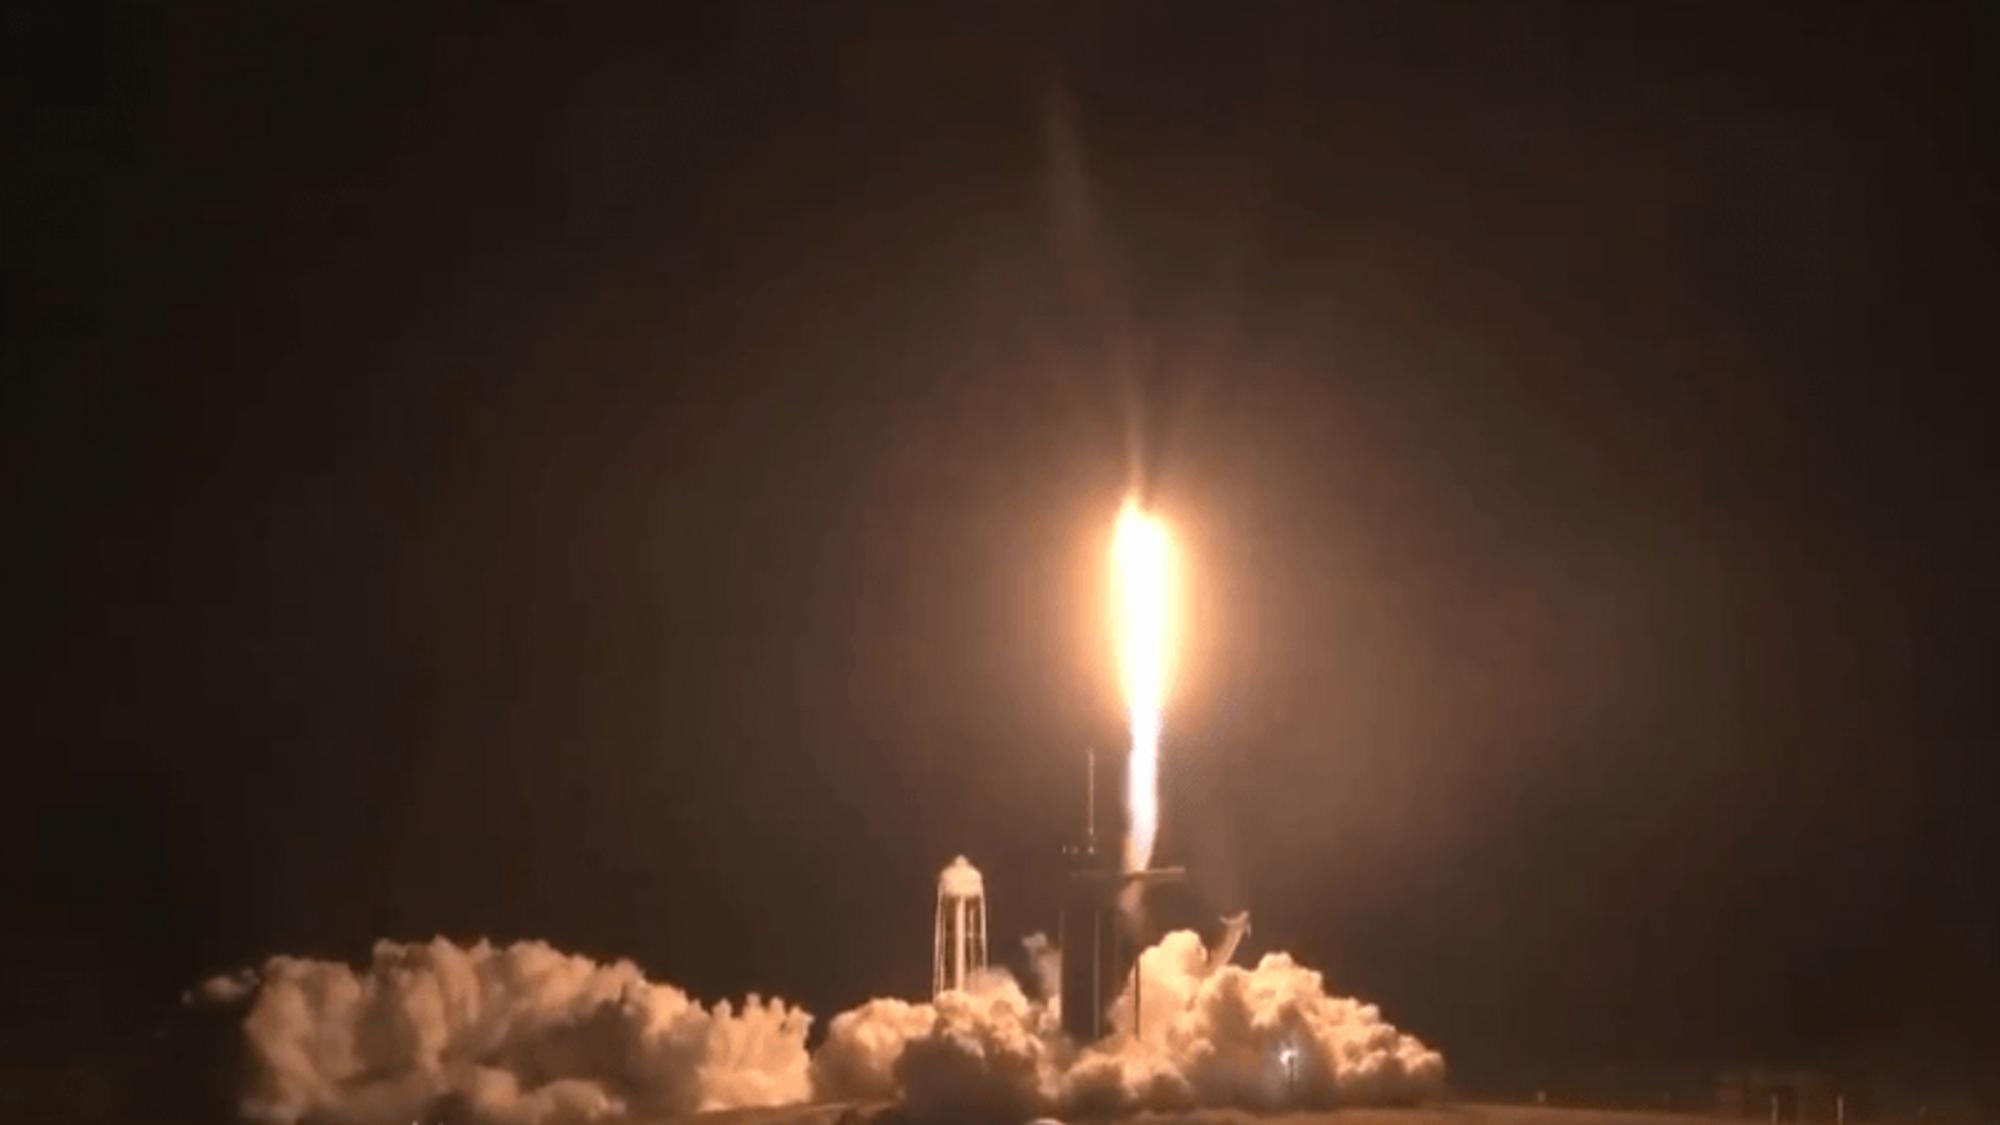 SpaceX sender astronauter til ISS: Fikk problemer fire timer etter utskytning